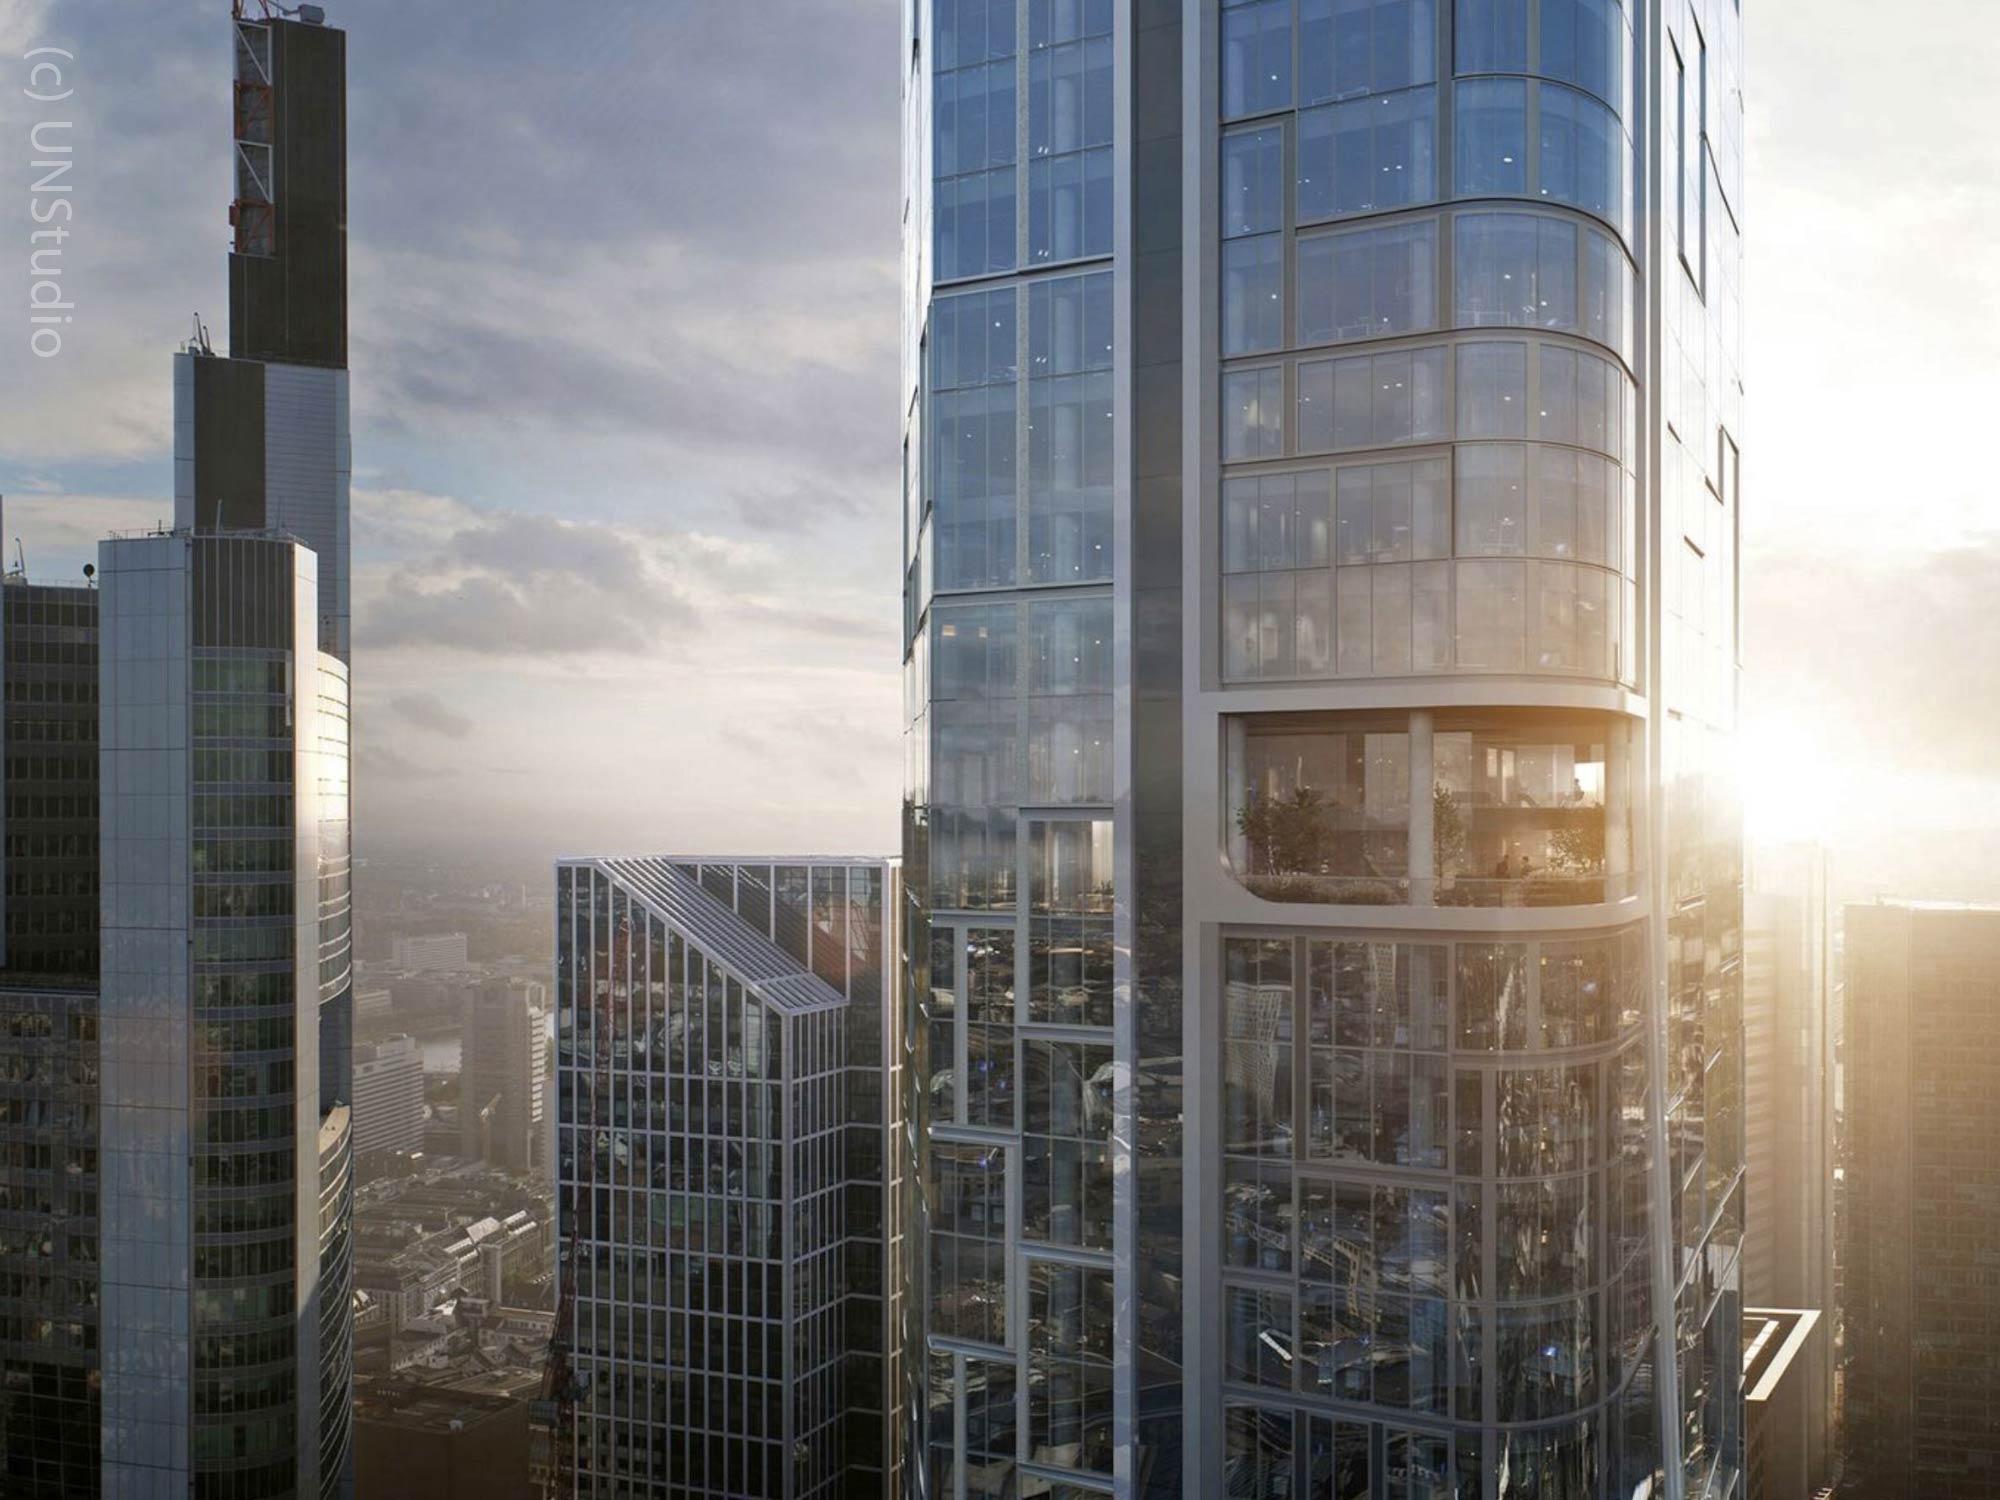 4Frankfurt Wolkenkratzer von Groß und Partner - gestaltet von UNStudio und HPP